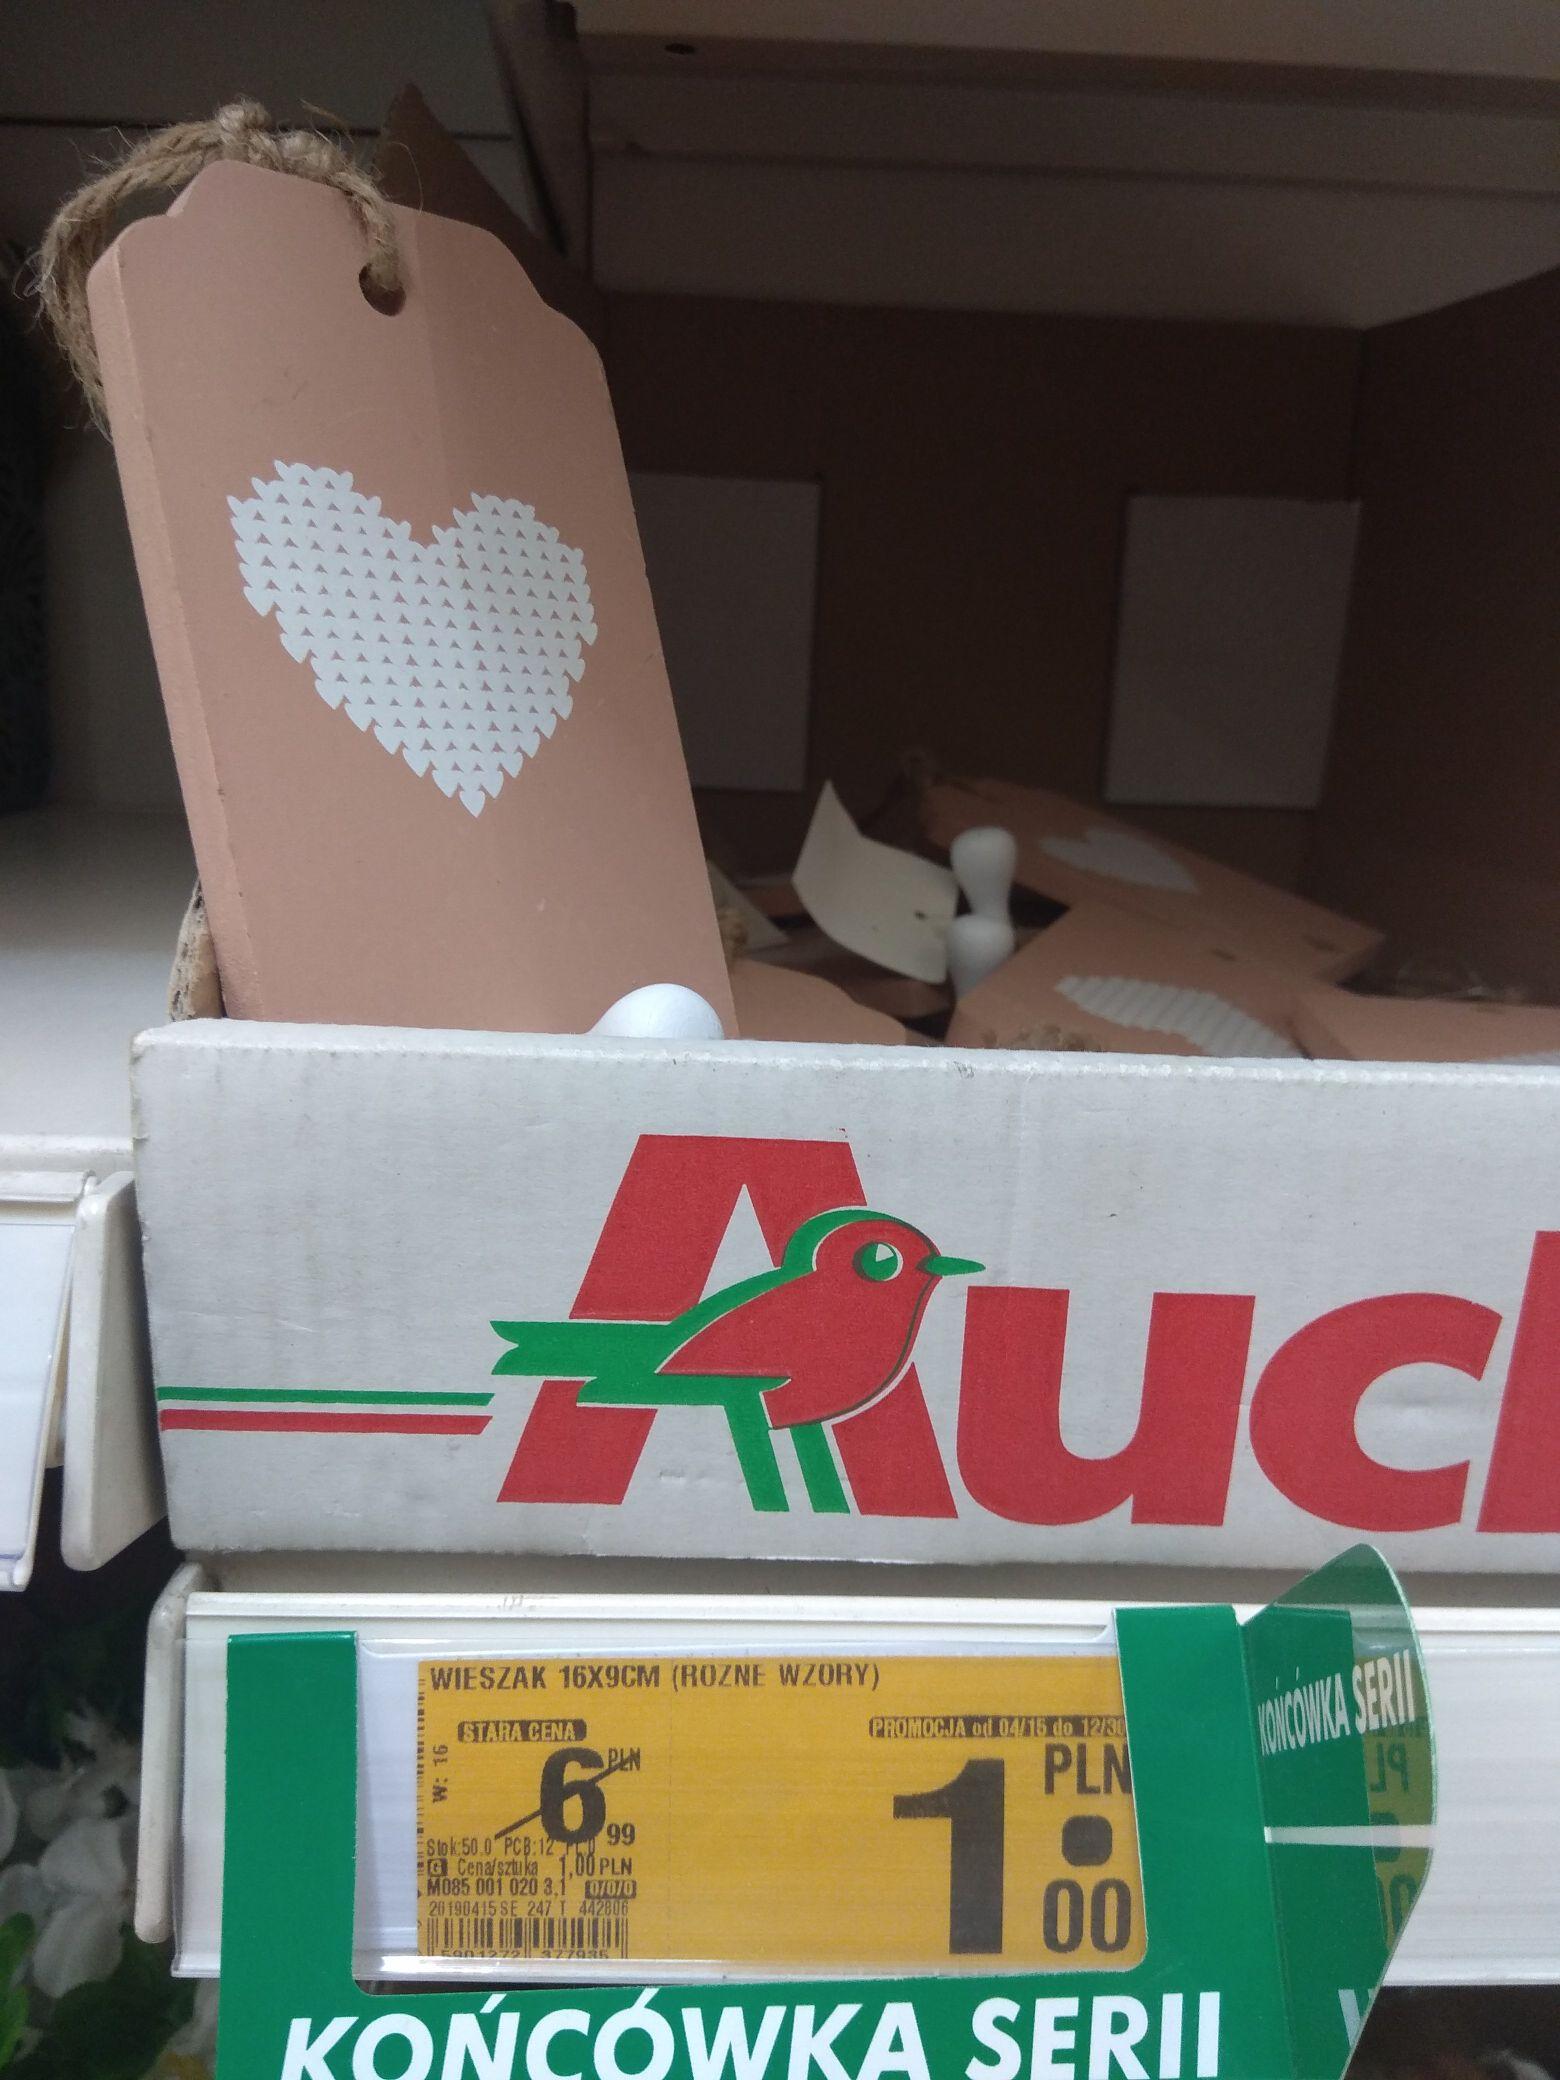 Wieszak 16x9 cm za 1 zł oraz inne akcesoria w Auchan